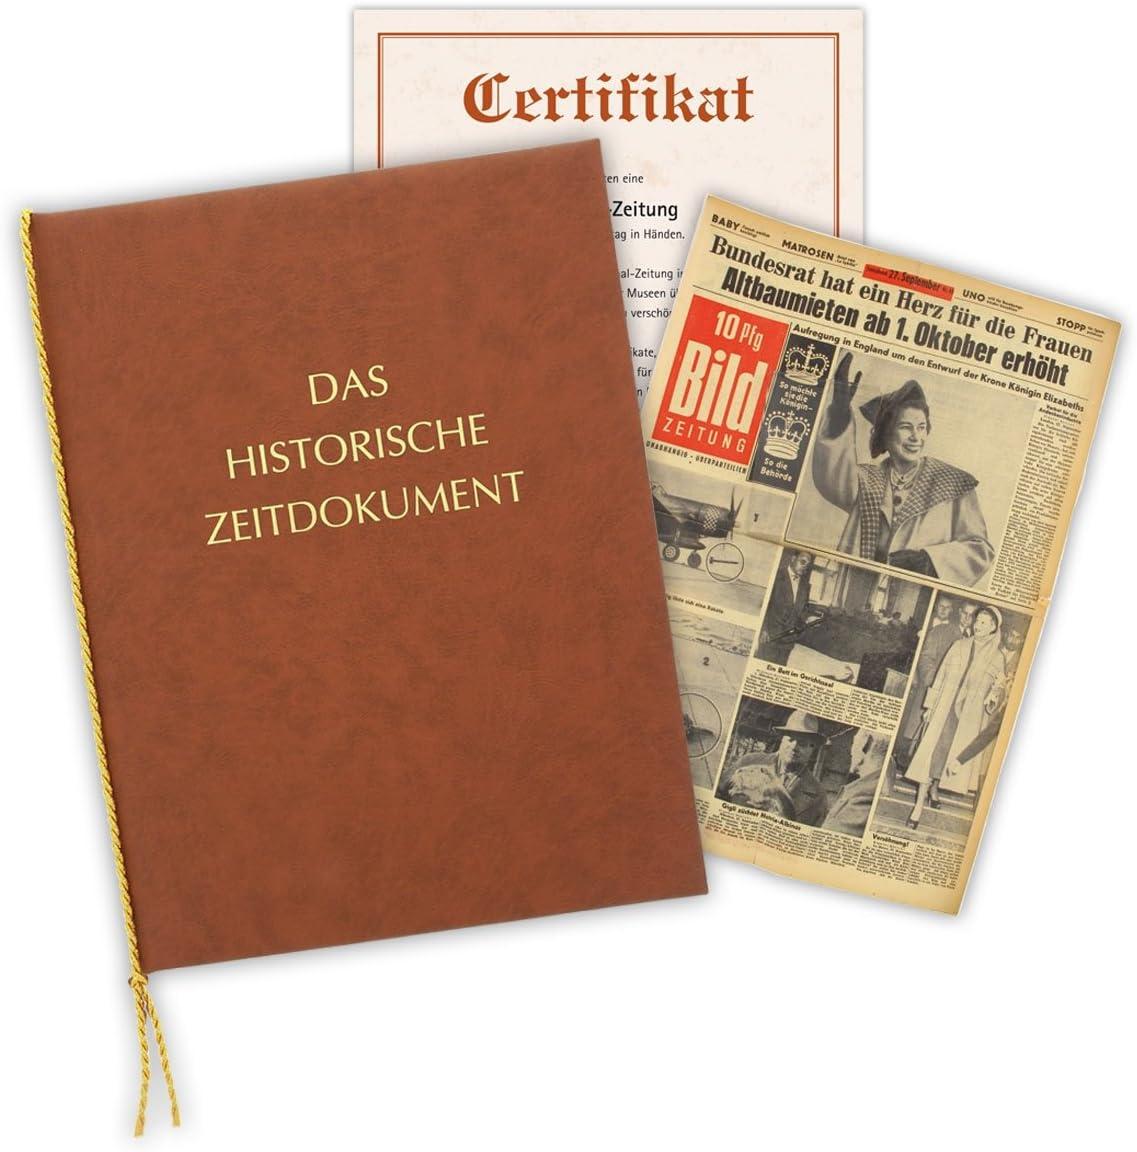 Zeitung vom Tag der Geburt 1980 Mappe /& Zertifikat als Geschenkidee historische Zeitung inkl